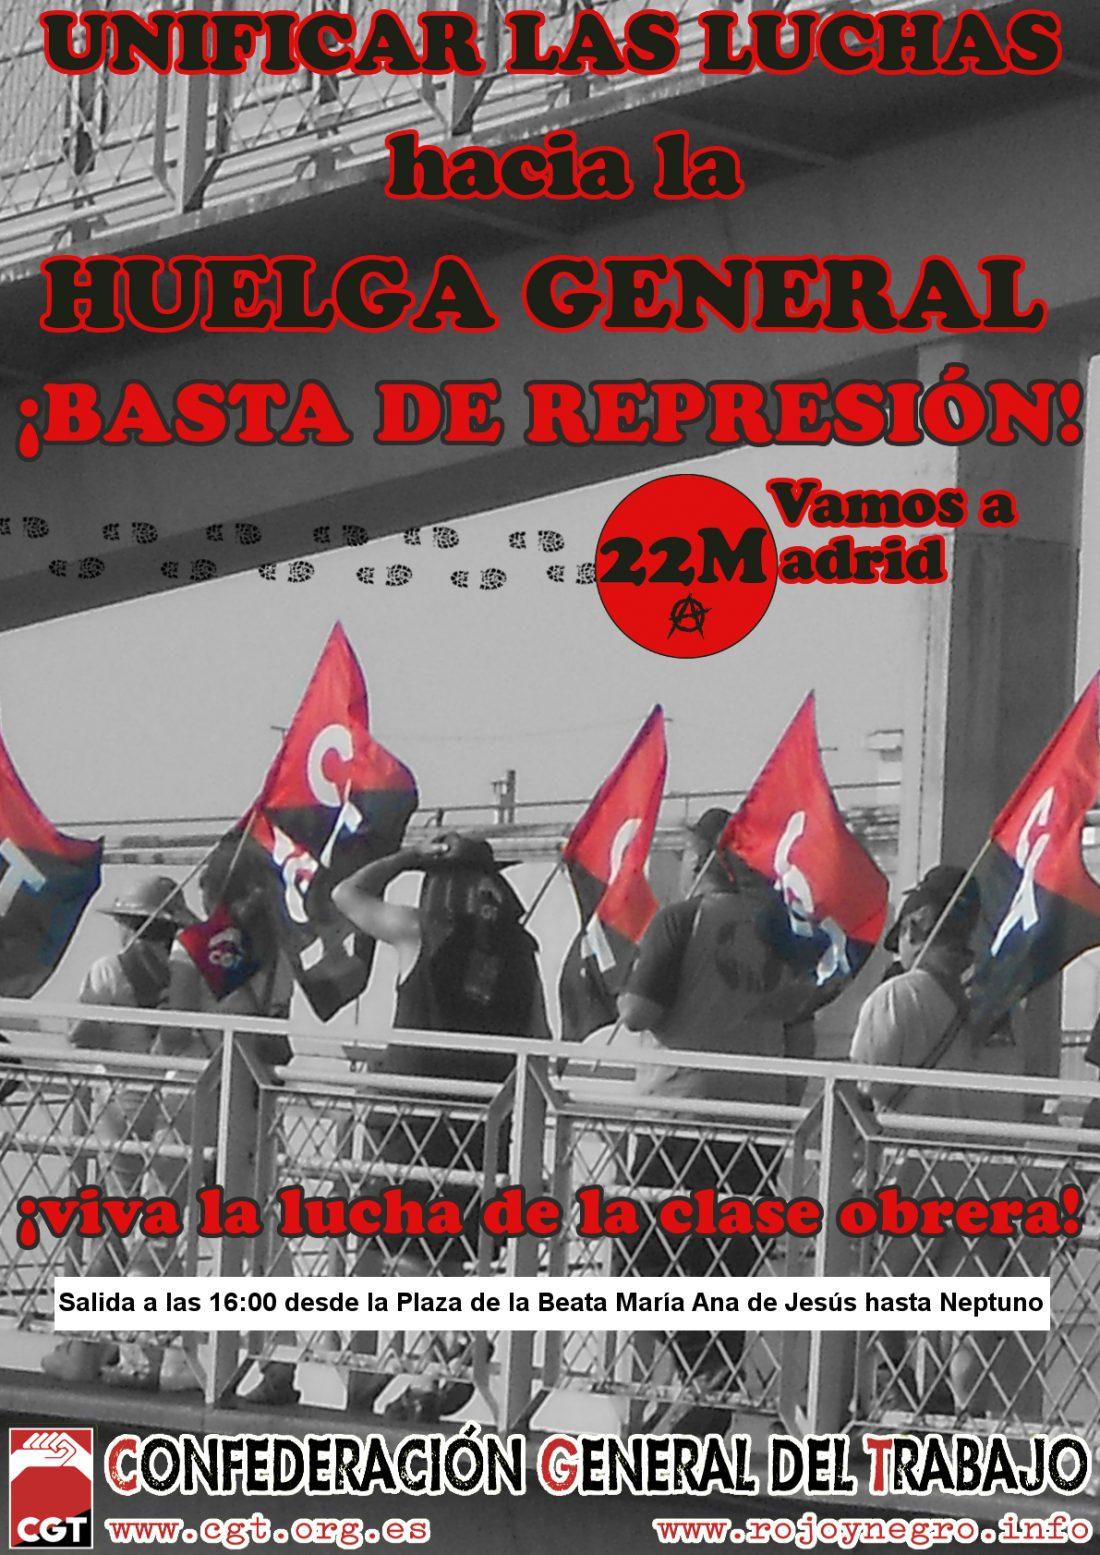 Unificar las luchas hacia la huelga general